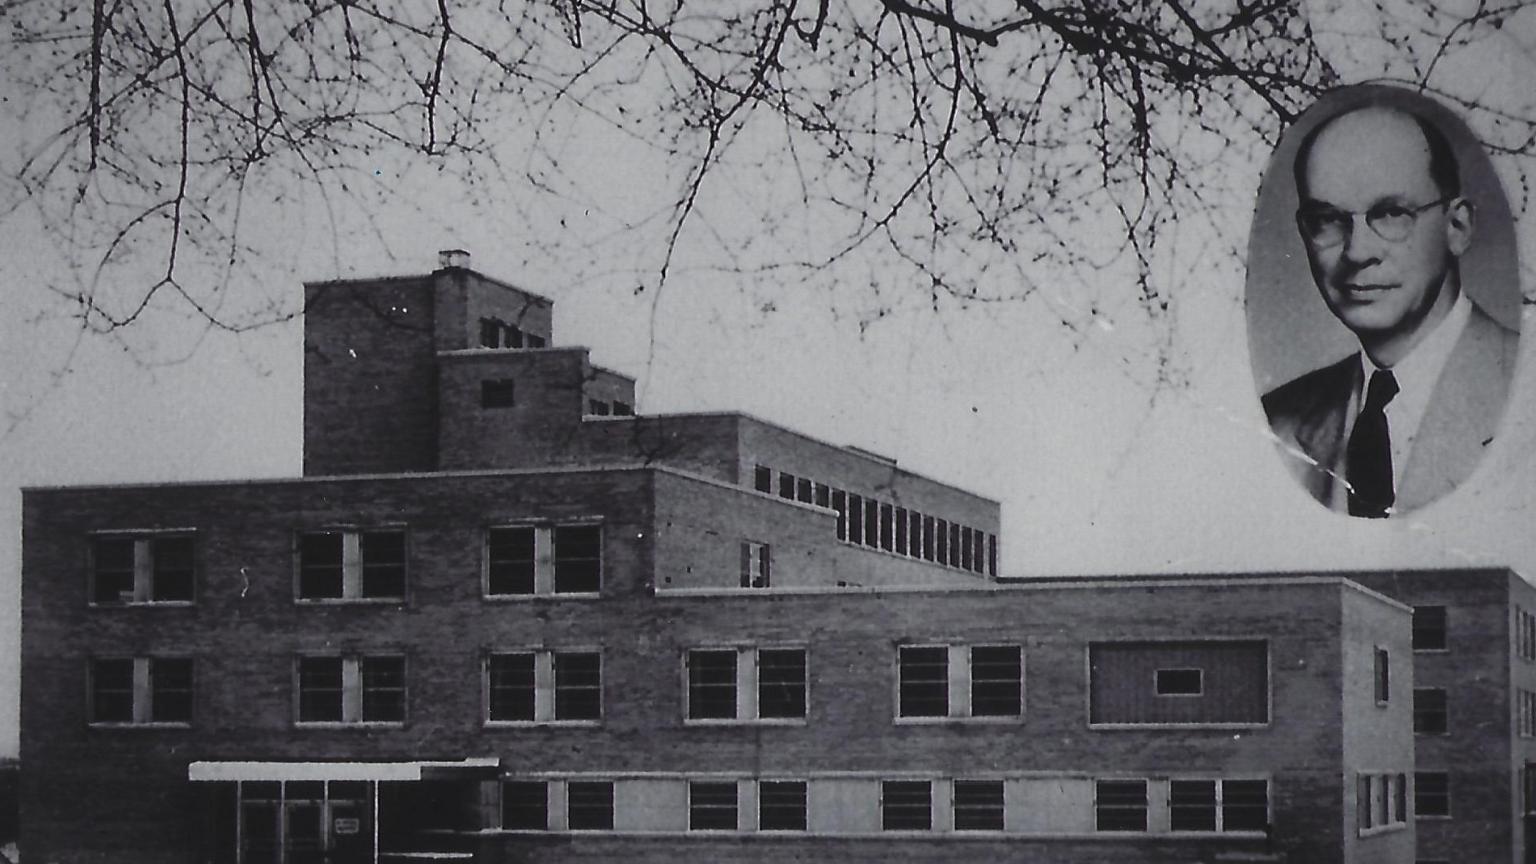 Old University Hospital South Entrance